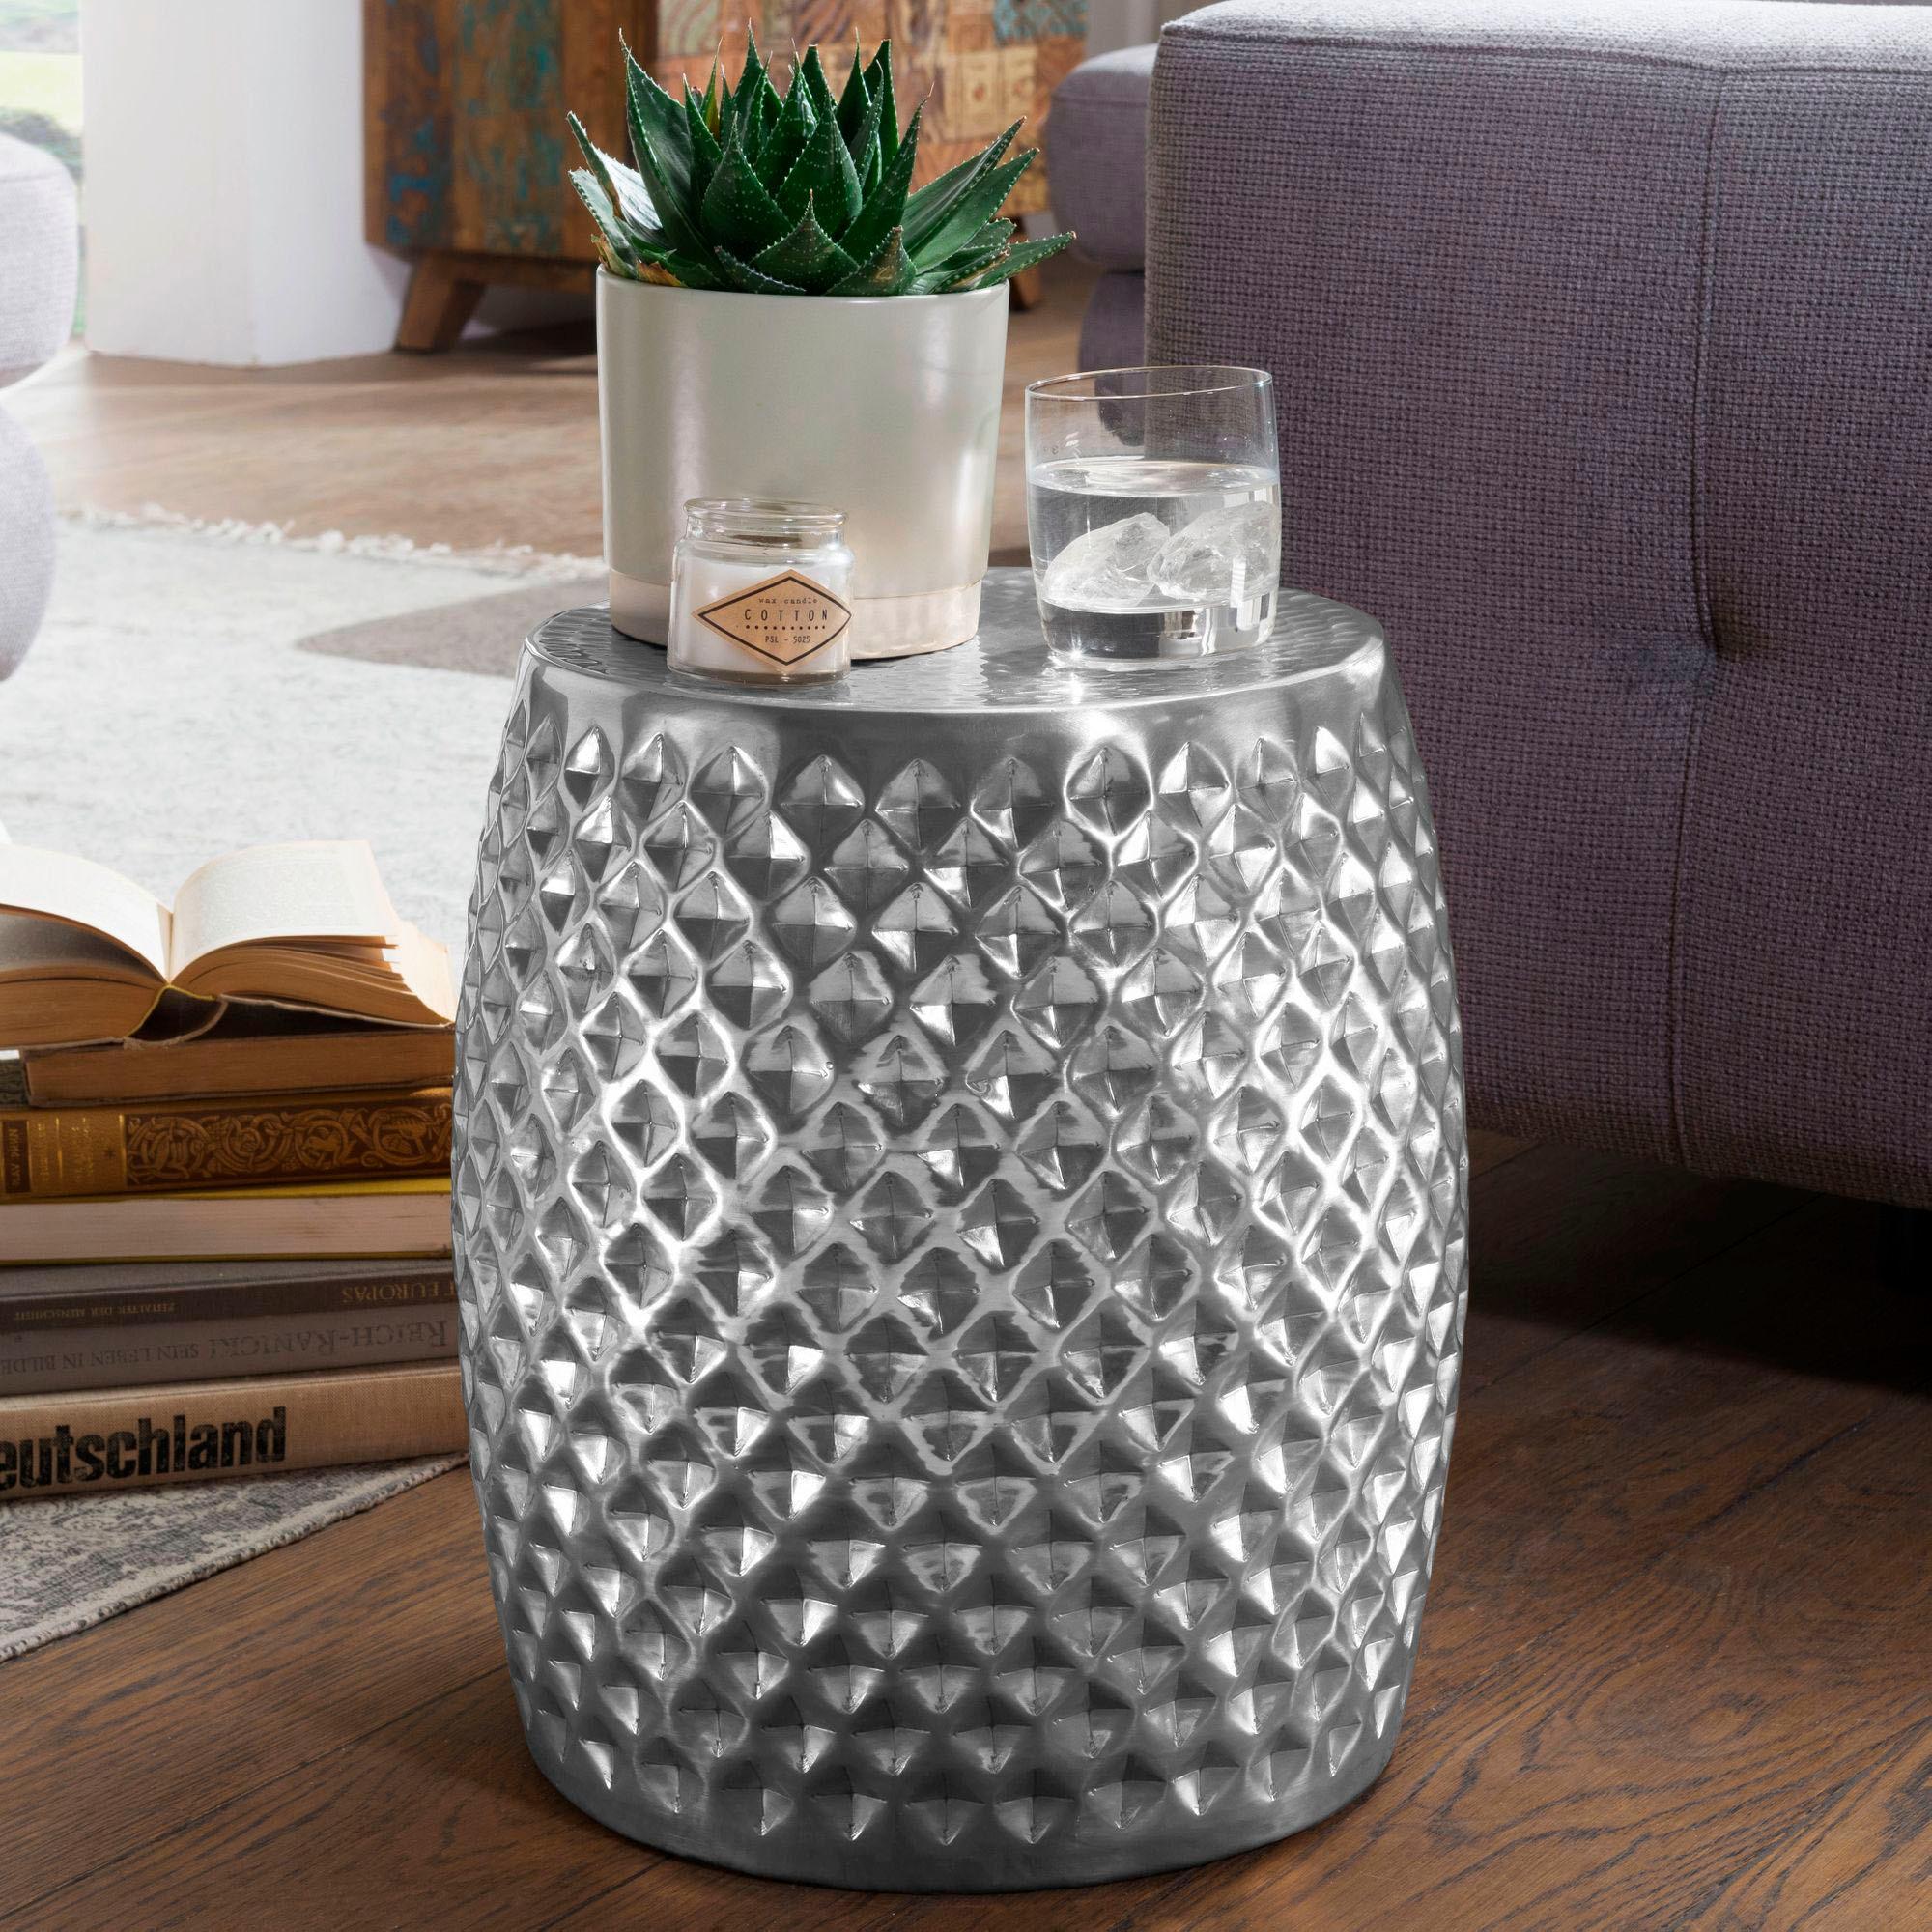 INOSIGN Beistelltisch Sita aus Aluminium Wohnen/Räume/Wohnzimmer/Couchtische & Beistelltische/Beistelltische